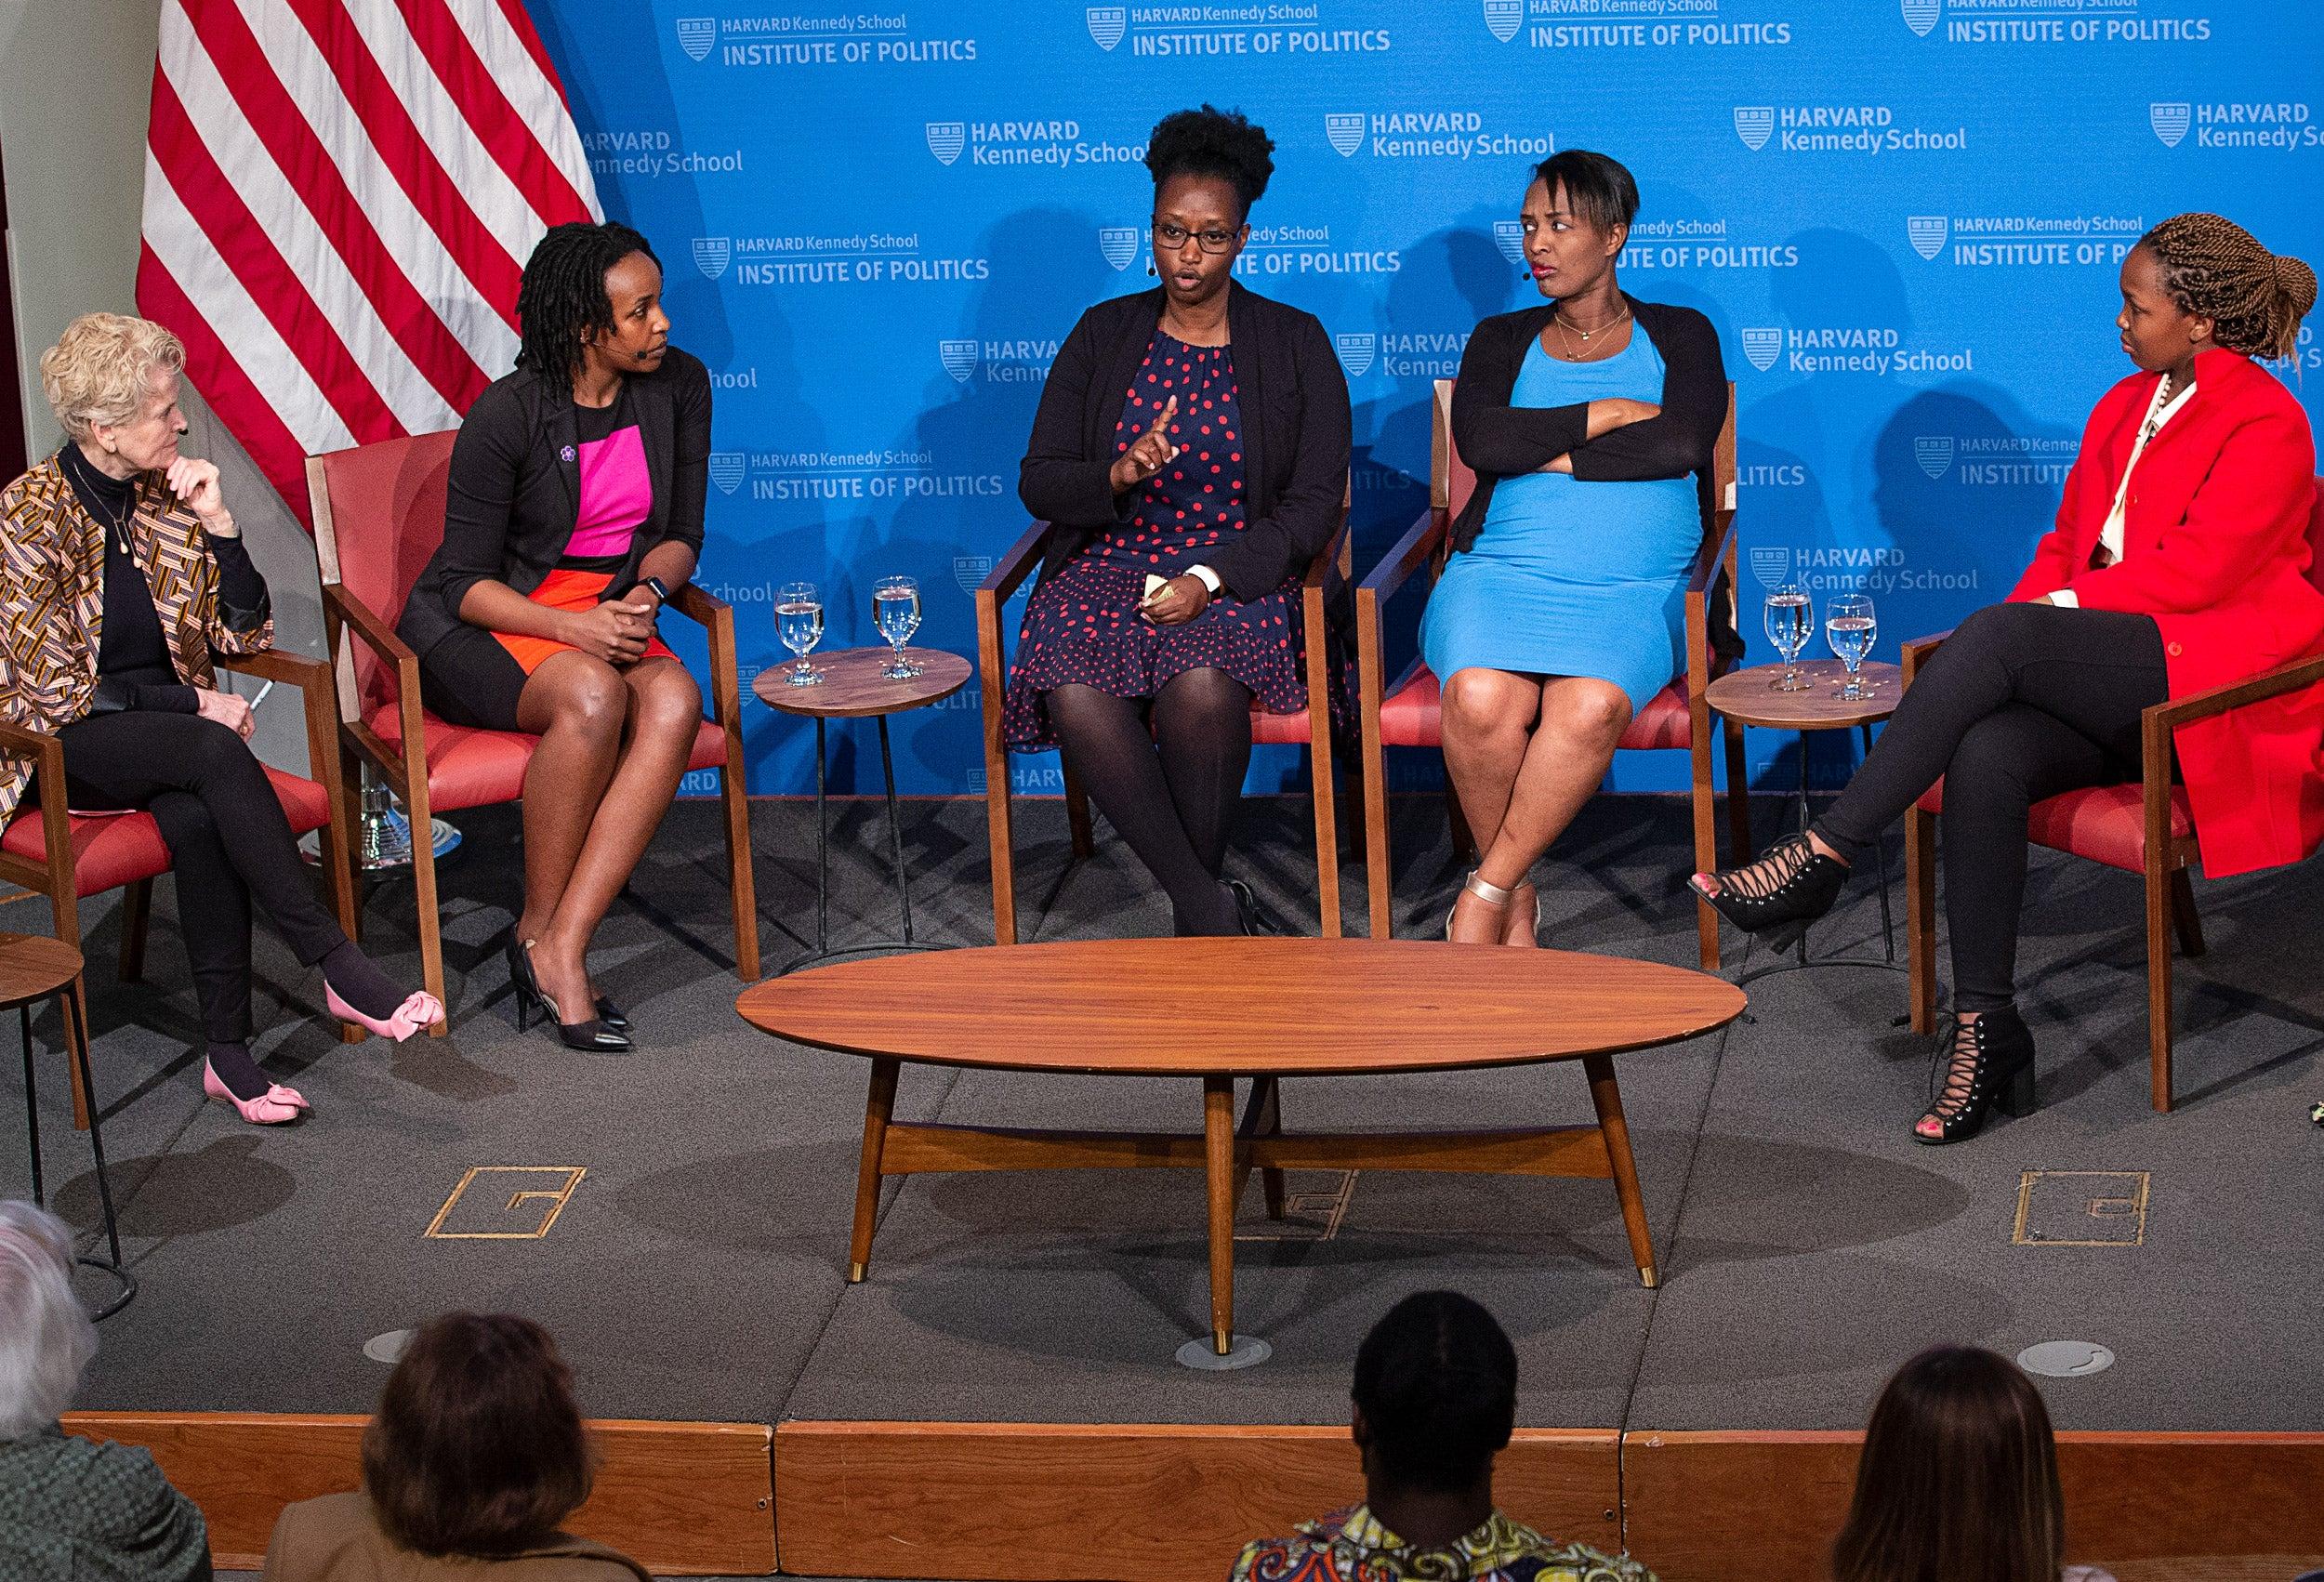 five women speaking on a panel